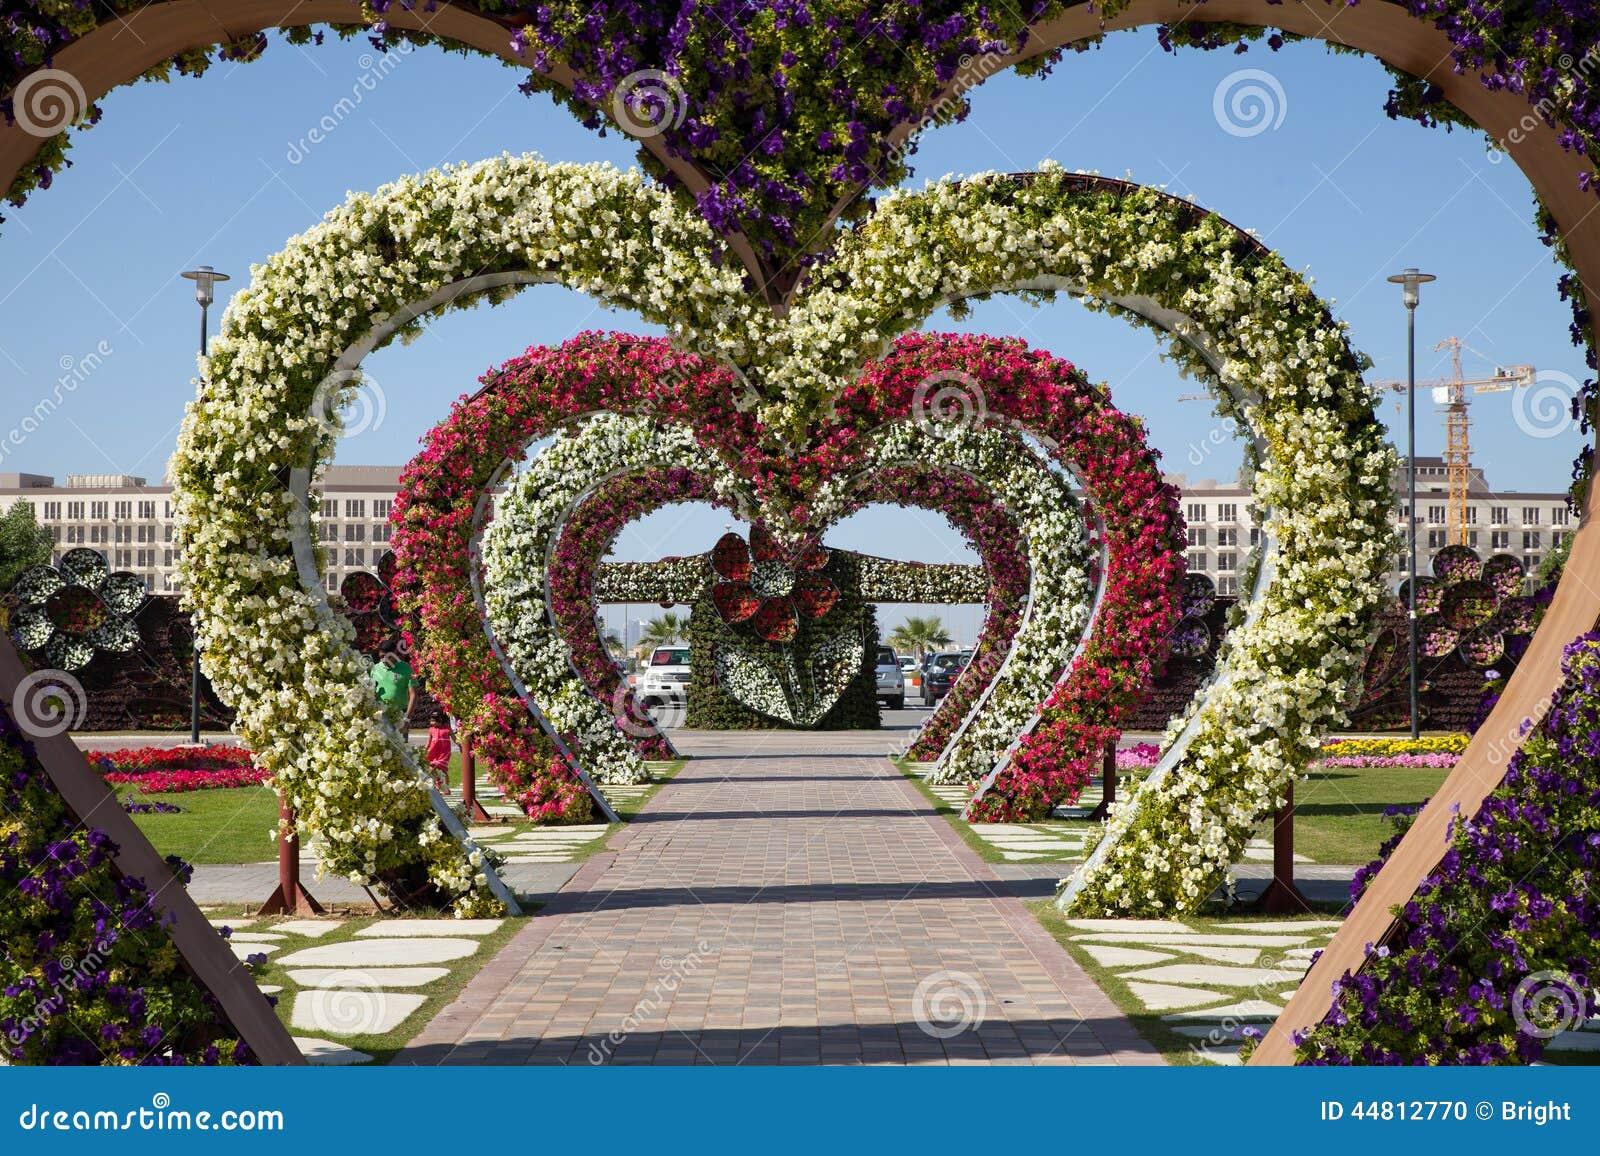 Flower garden hearts dubai miracle garden editorial image image